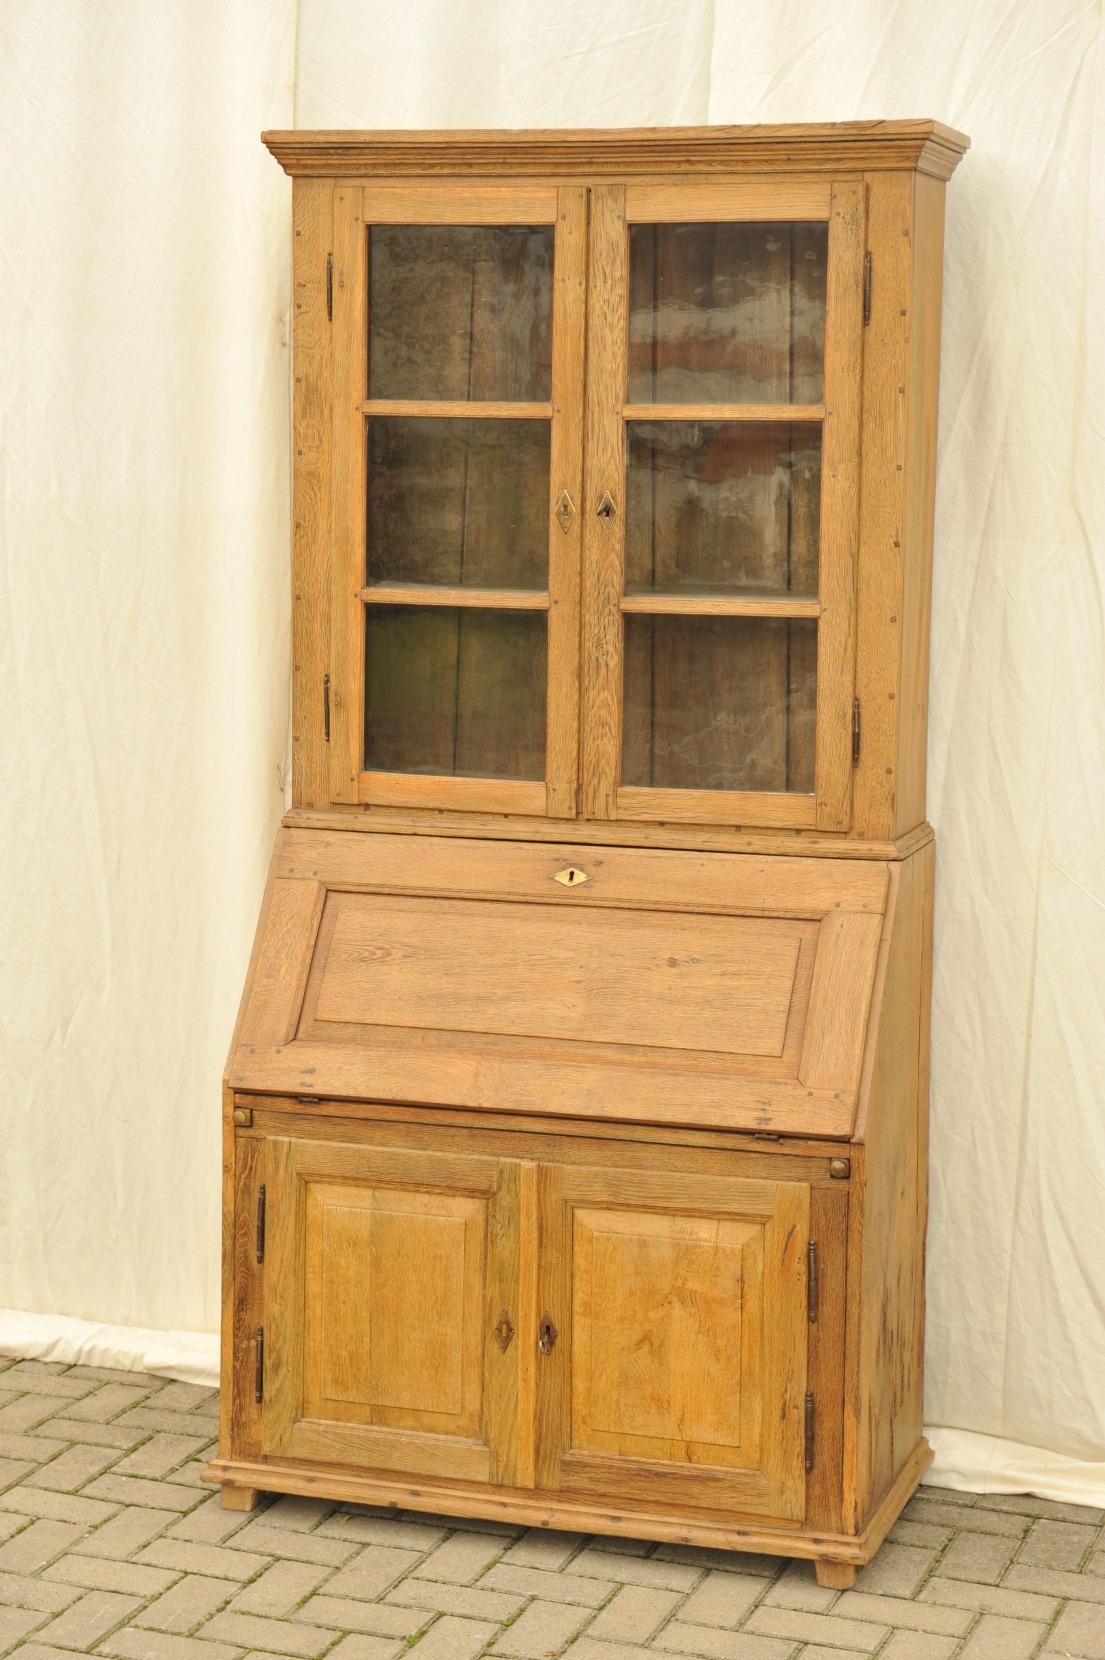 sekret r mit aufsatz eiche biedermeier antik im hof aufsatzsekret r eiche sekret r eiche. Black Bedroom Furniture Sets. Home Design Ideas